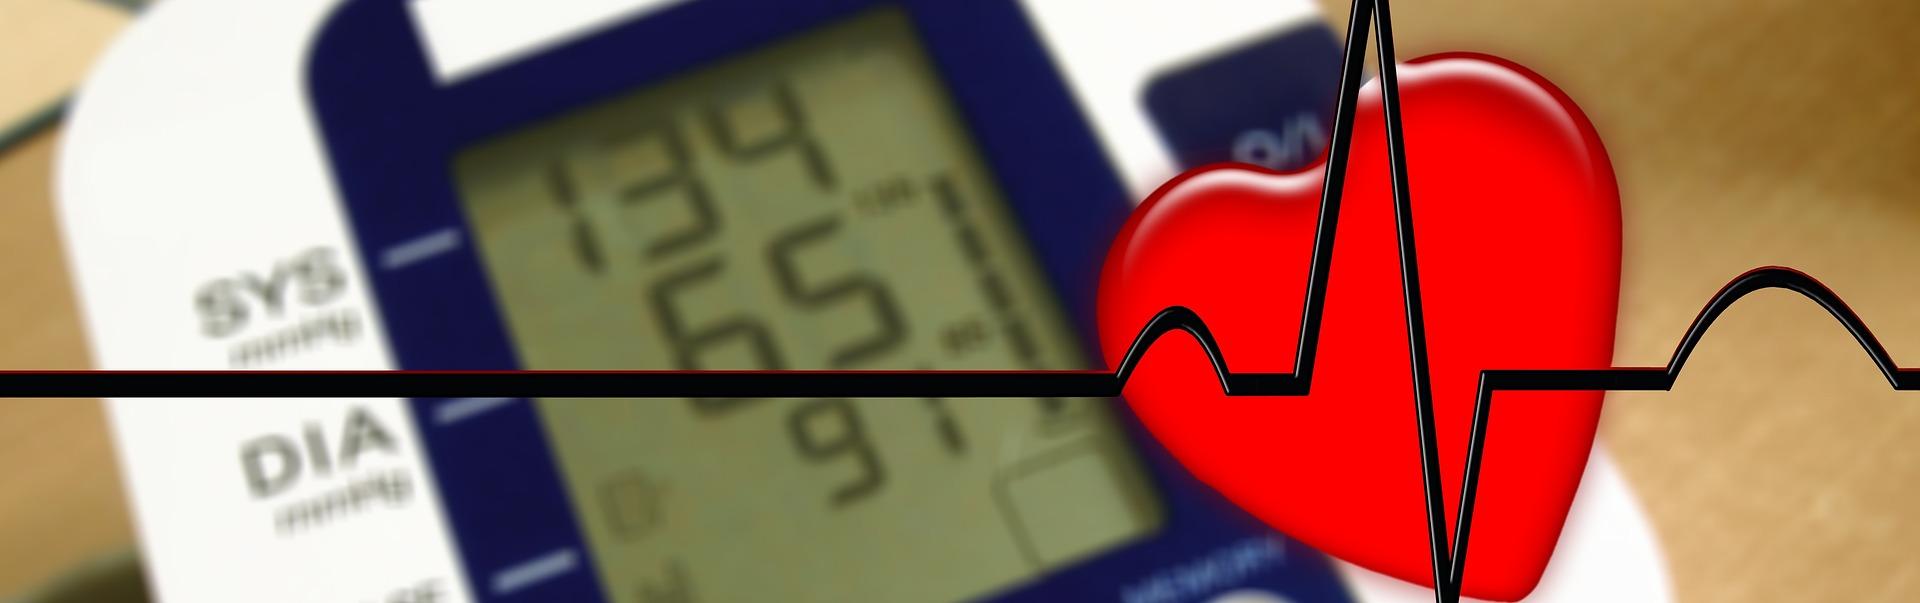 magas vérnyomásban élnek)